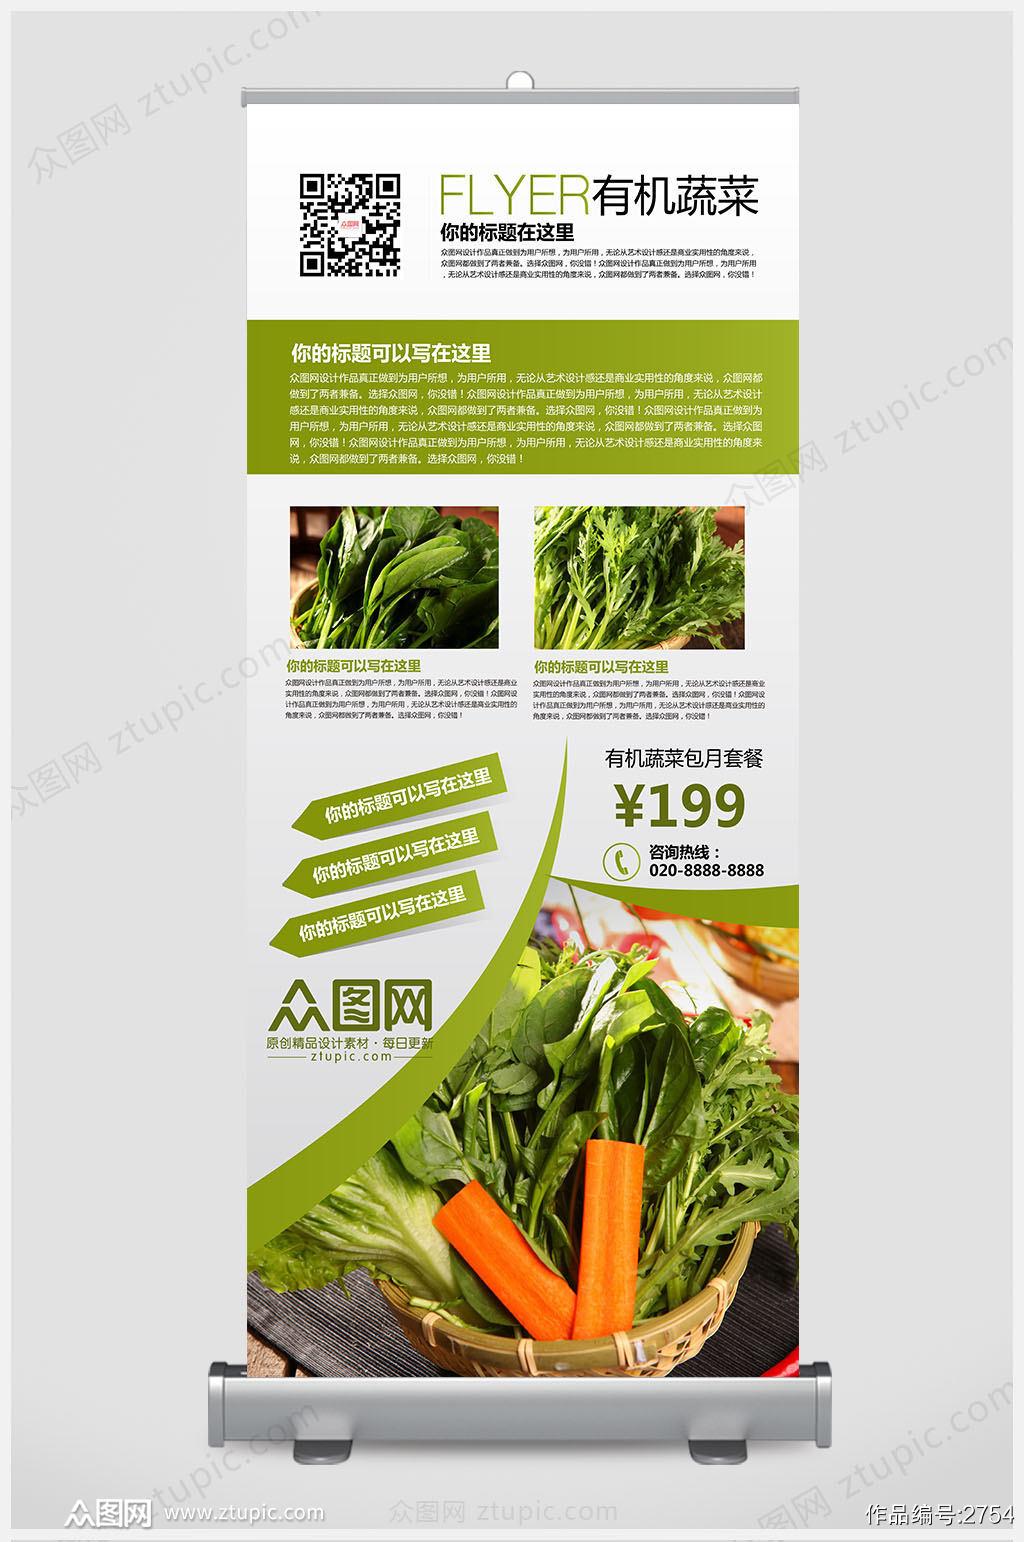 有机蔬菜易拉宝丽屏展架模板素材